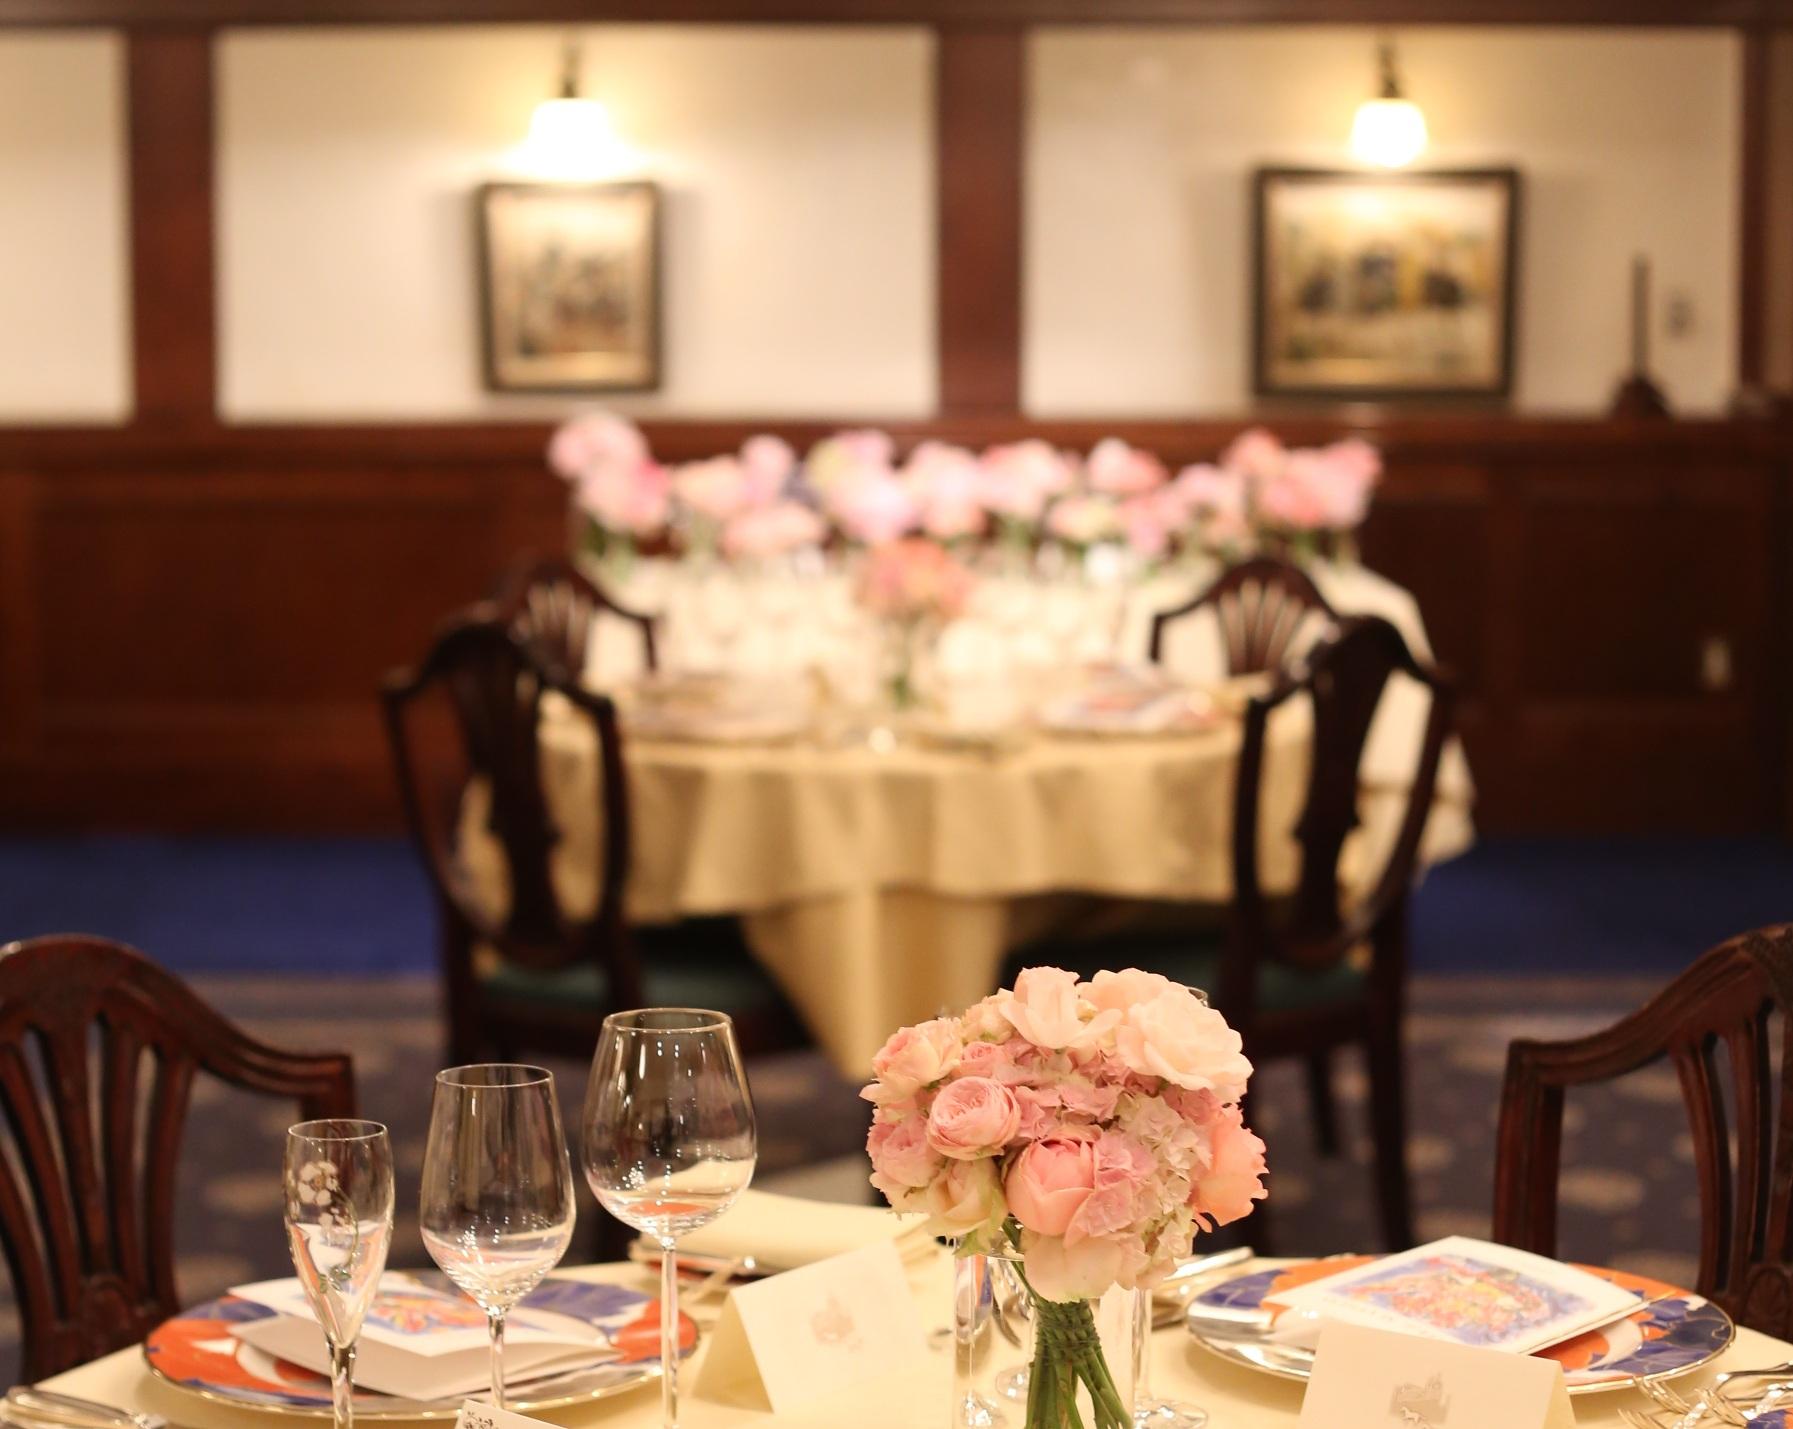 ローズピンクの装花 シェ松尾青山サロン様へ_a0042928_1747299.jpg